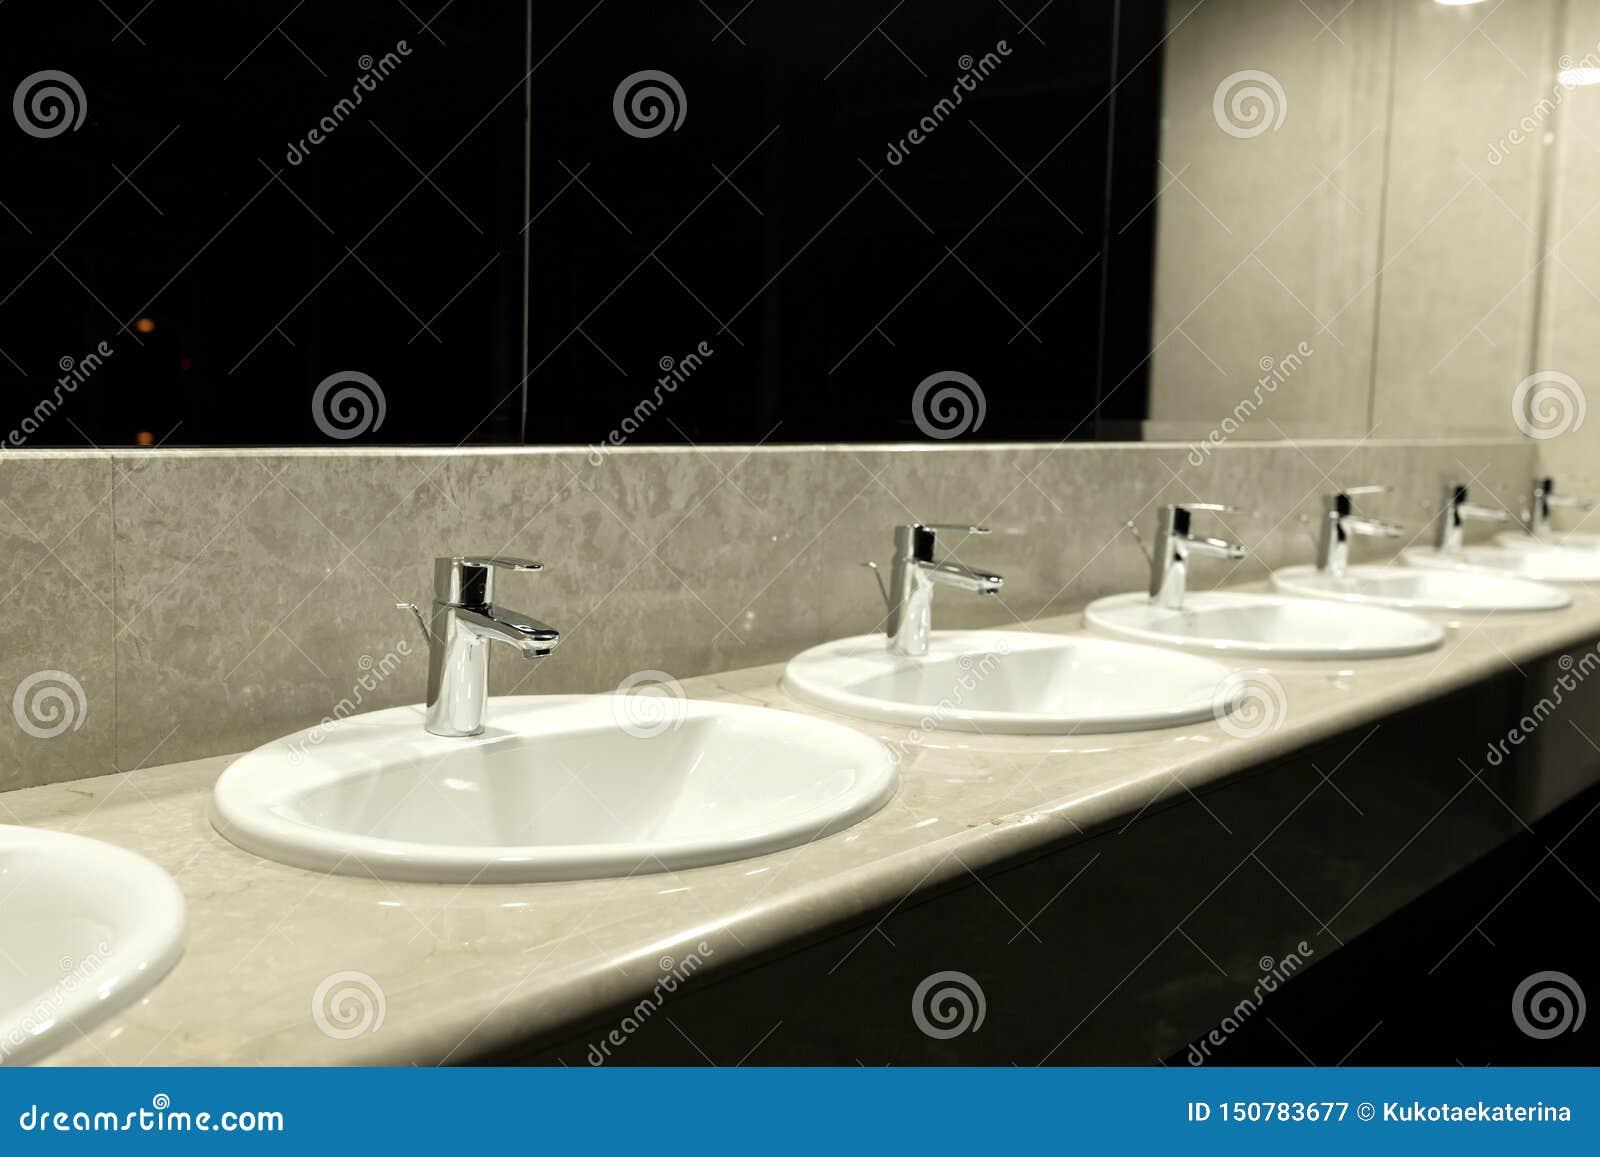 Interno del bagno e della toilette pubblica con il lavabo Rubinetti con dei lavandini nella stanza della toilette pubblica Lavand